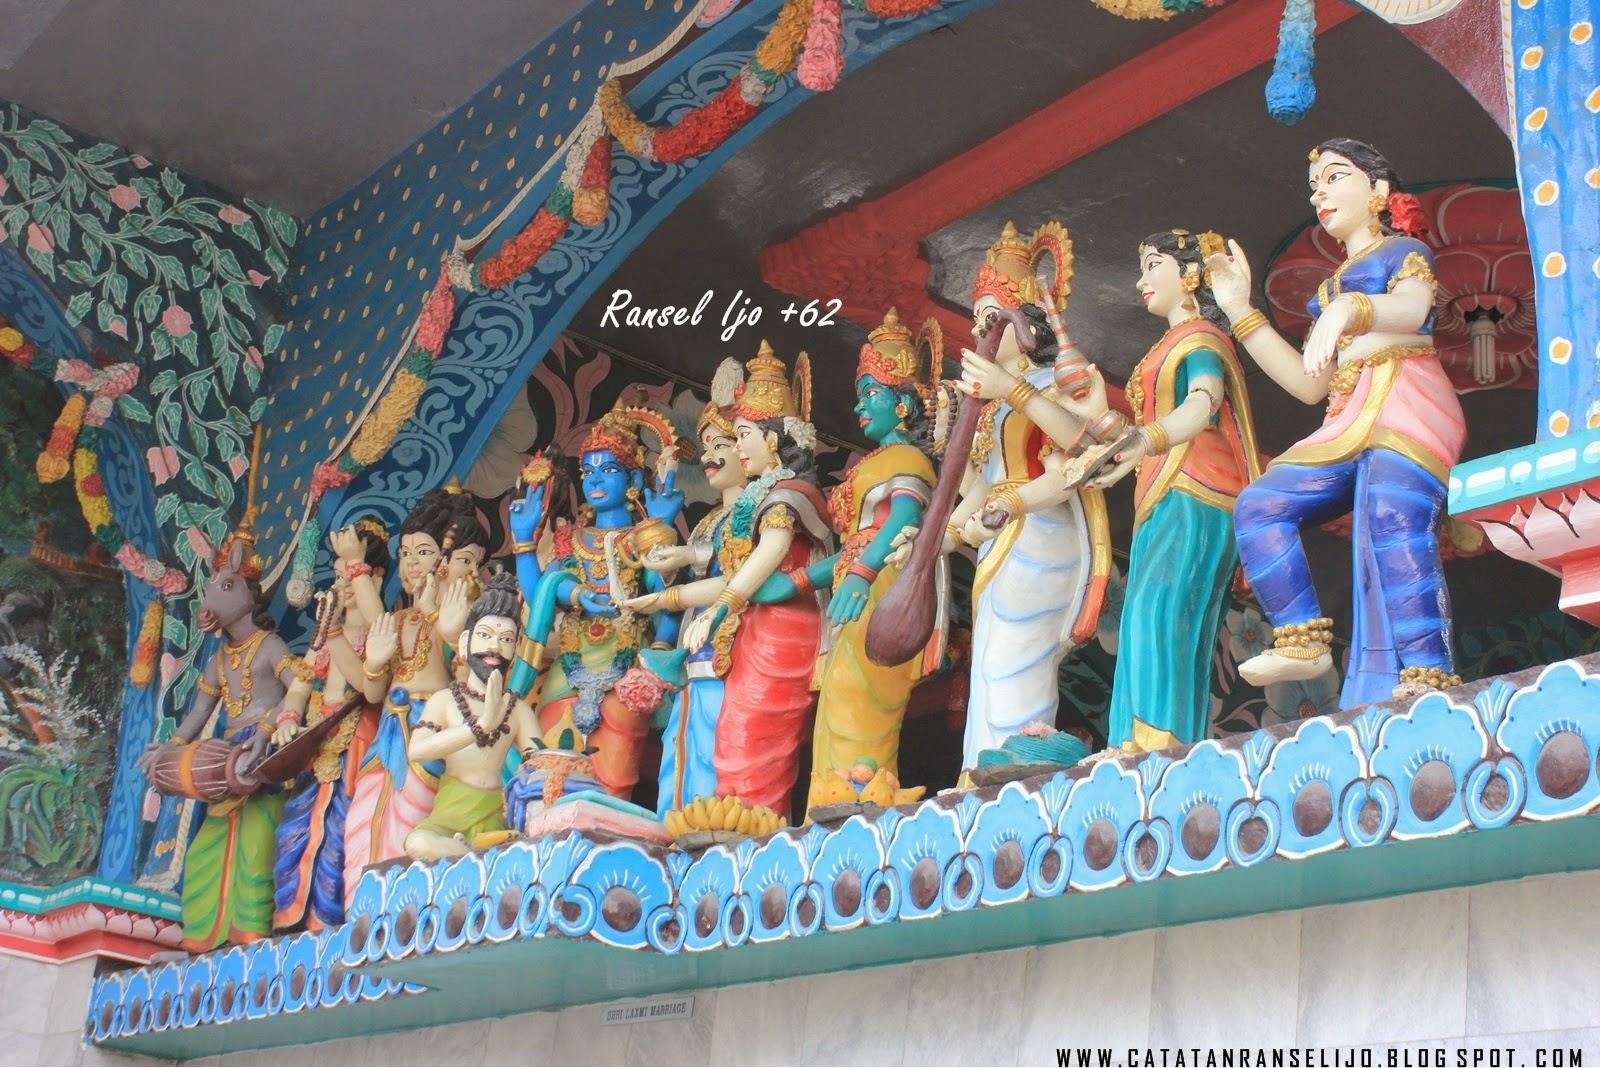 Kak Gedungnya Wow Shri Mariamman Temple Medan Ransel Ijo 62